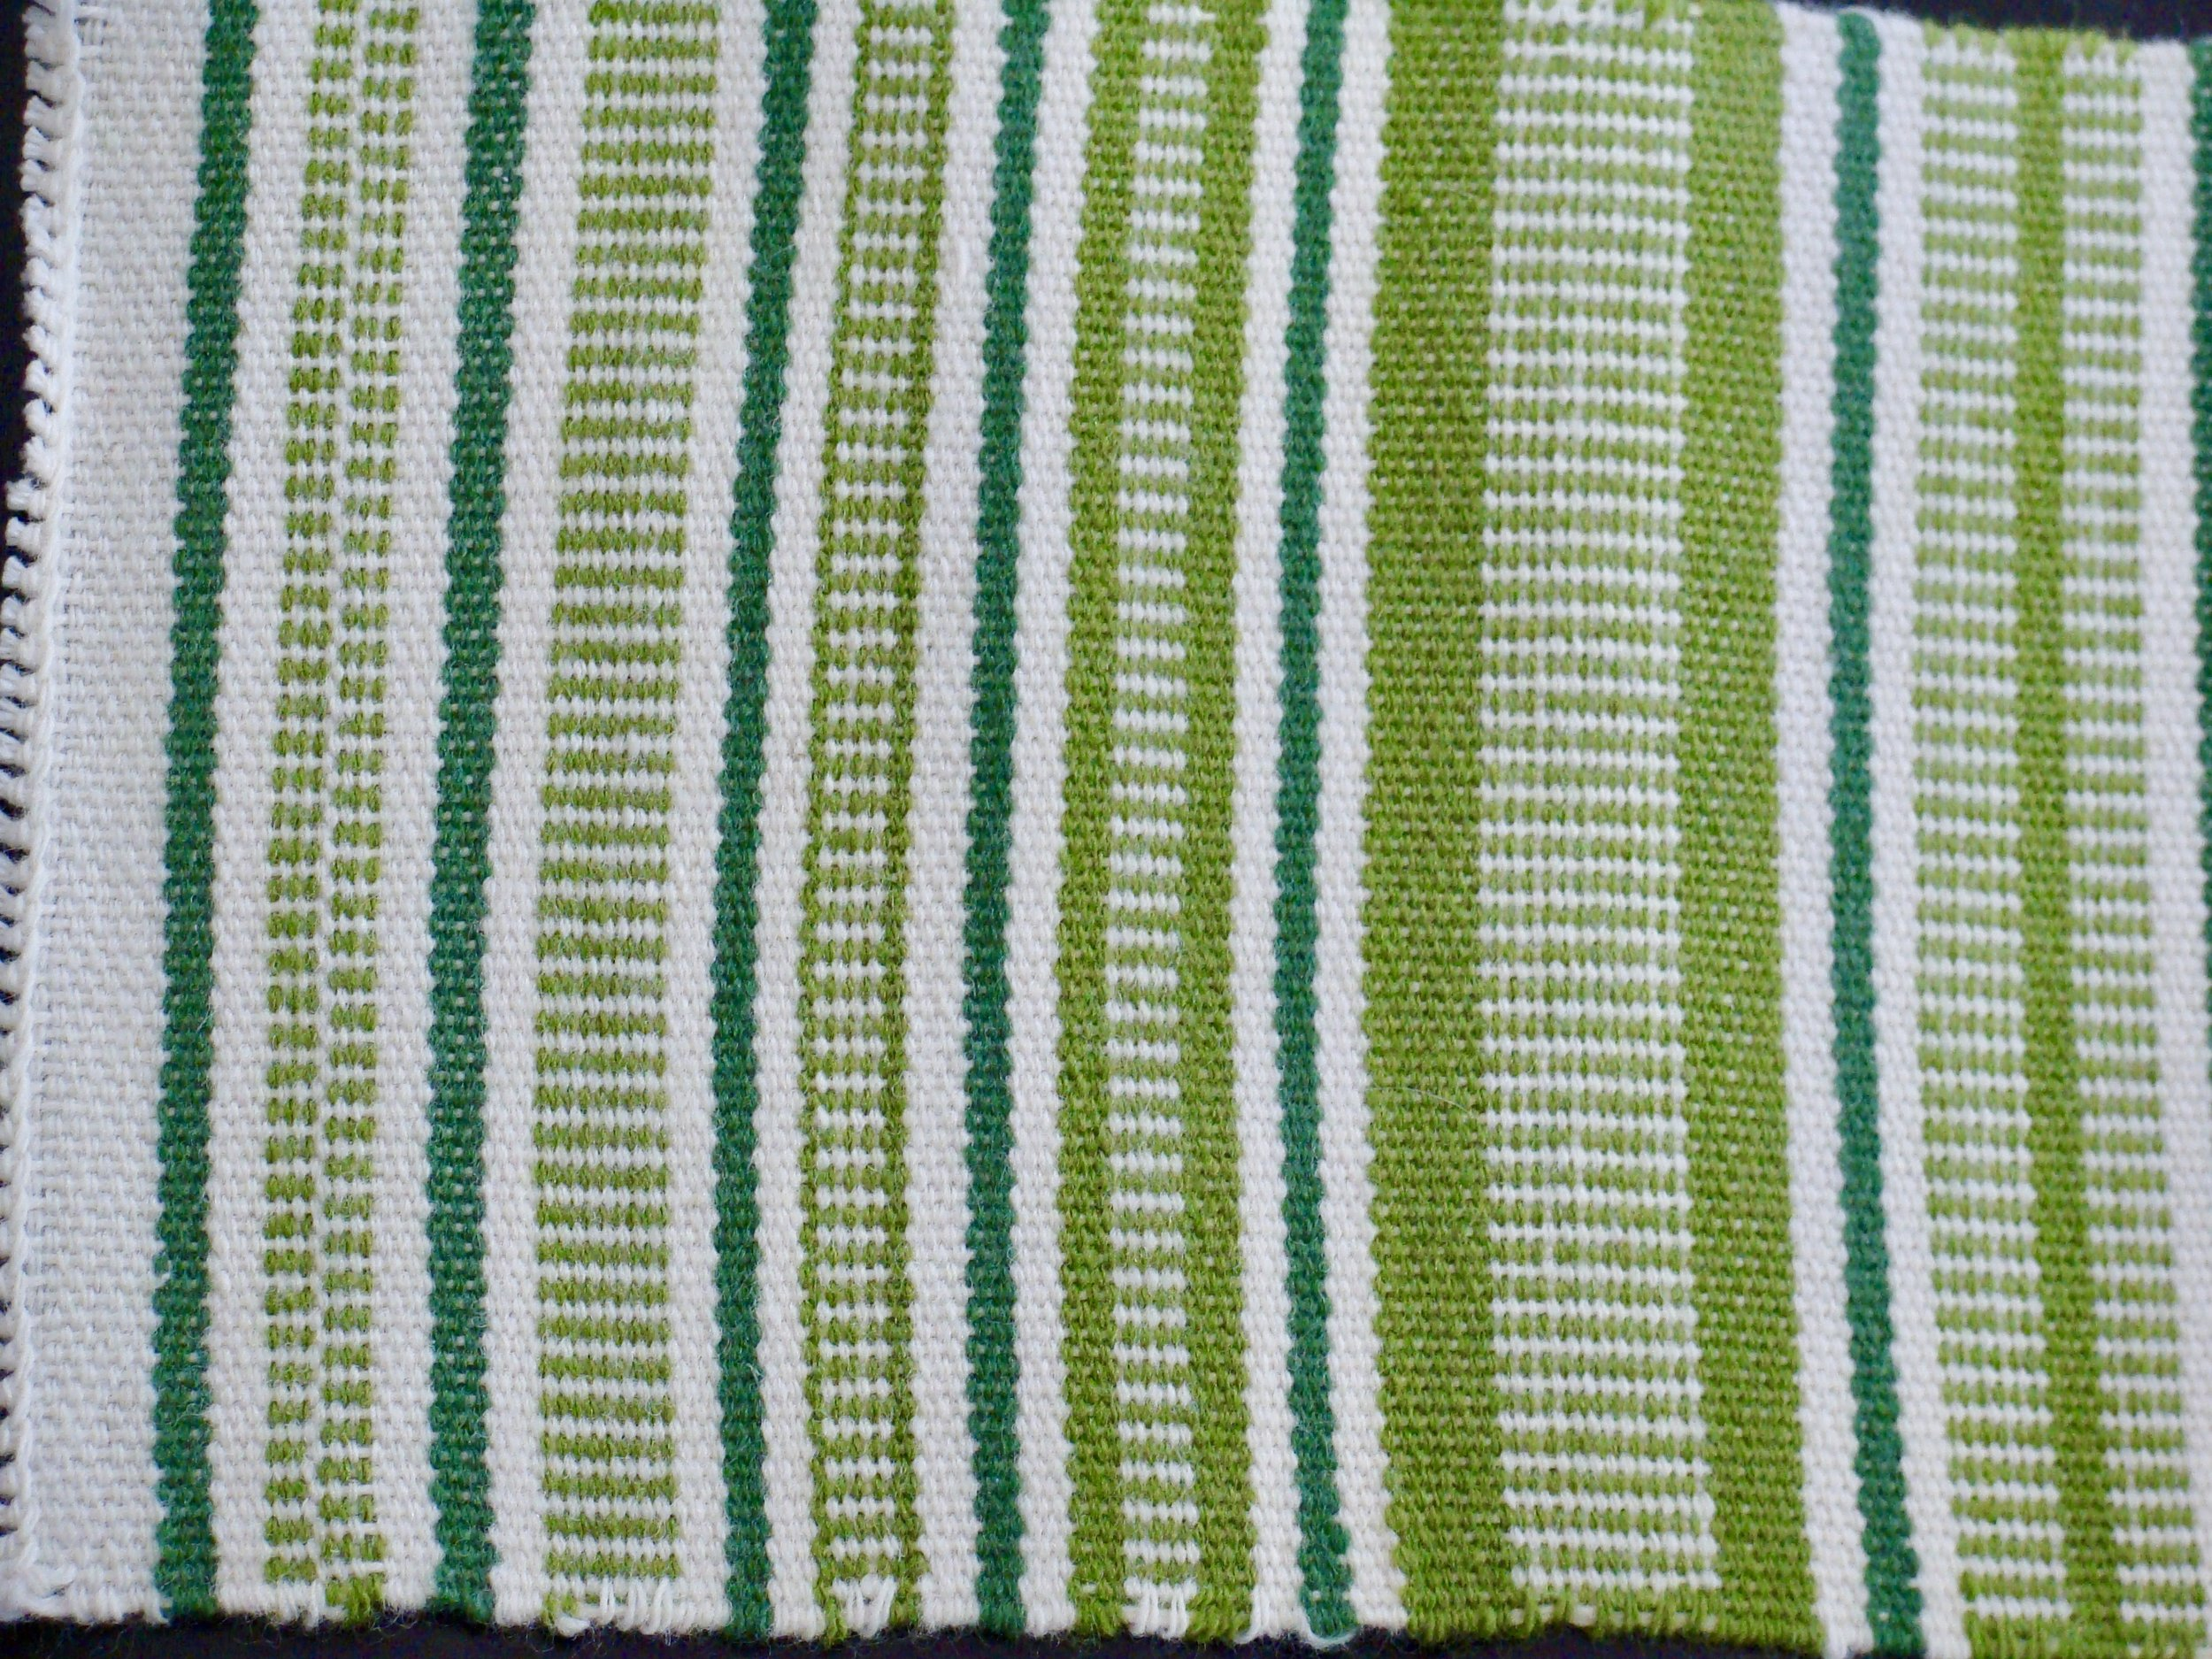 Sampler I Weft Faced Patterns Plain Weave